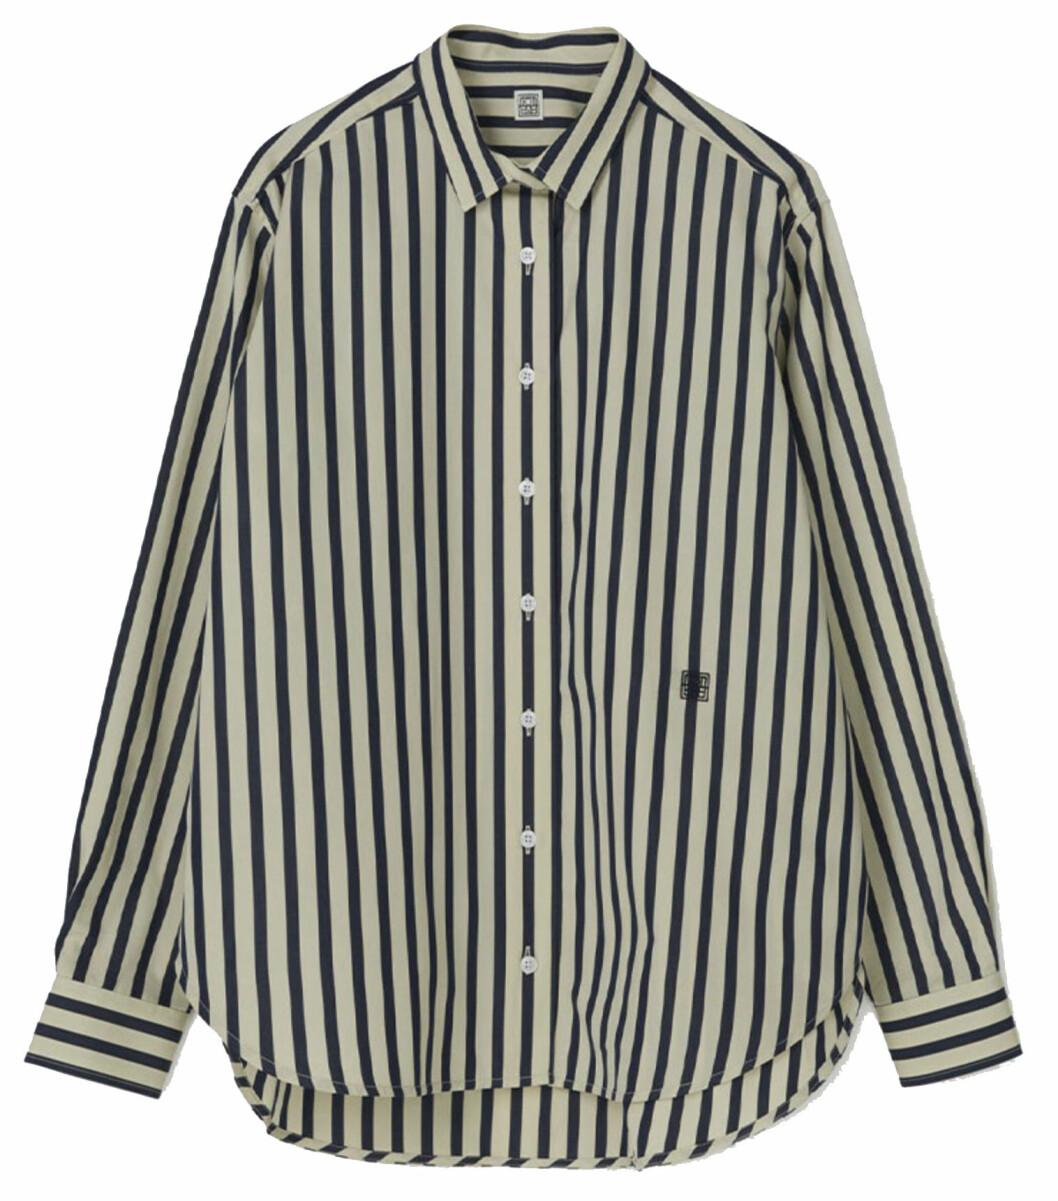 En oversized skjorta funkar alla dagar i veckan, oavsett väder. Denna variant kommer från Totême.